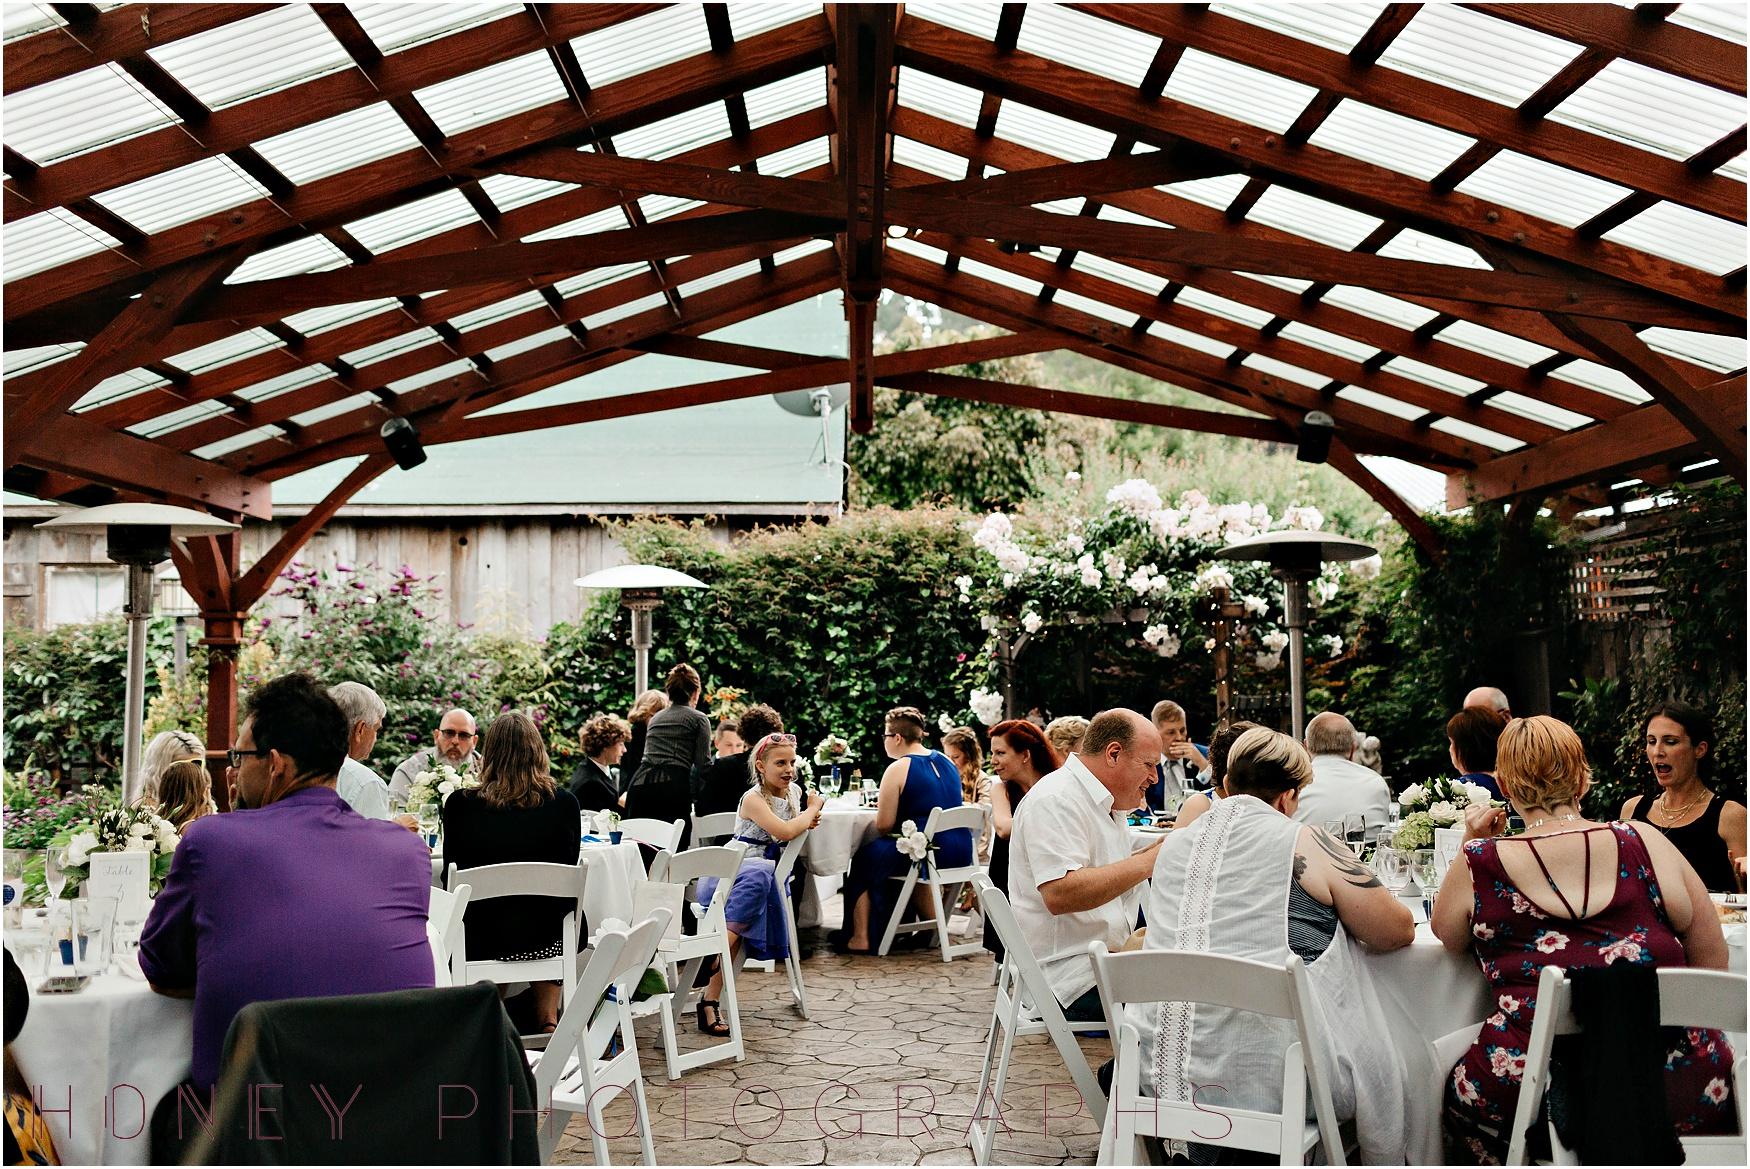 cambria-san-lois-obispo-wedding-garden-intimate47.jpg